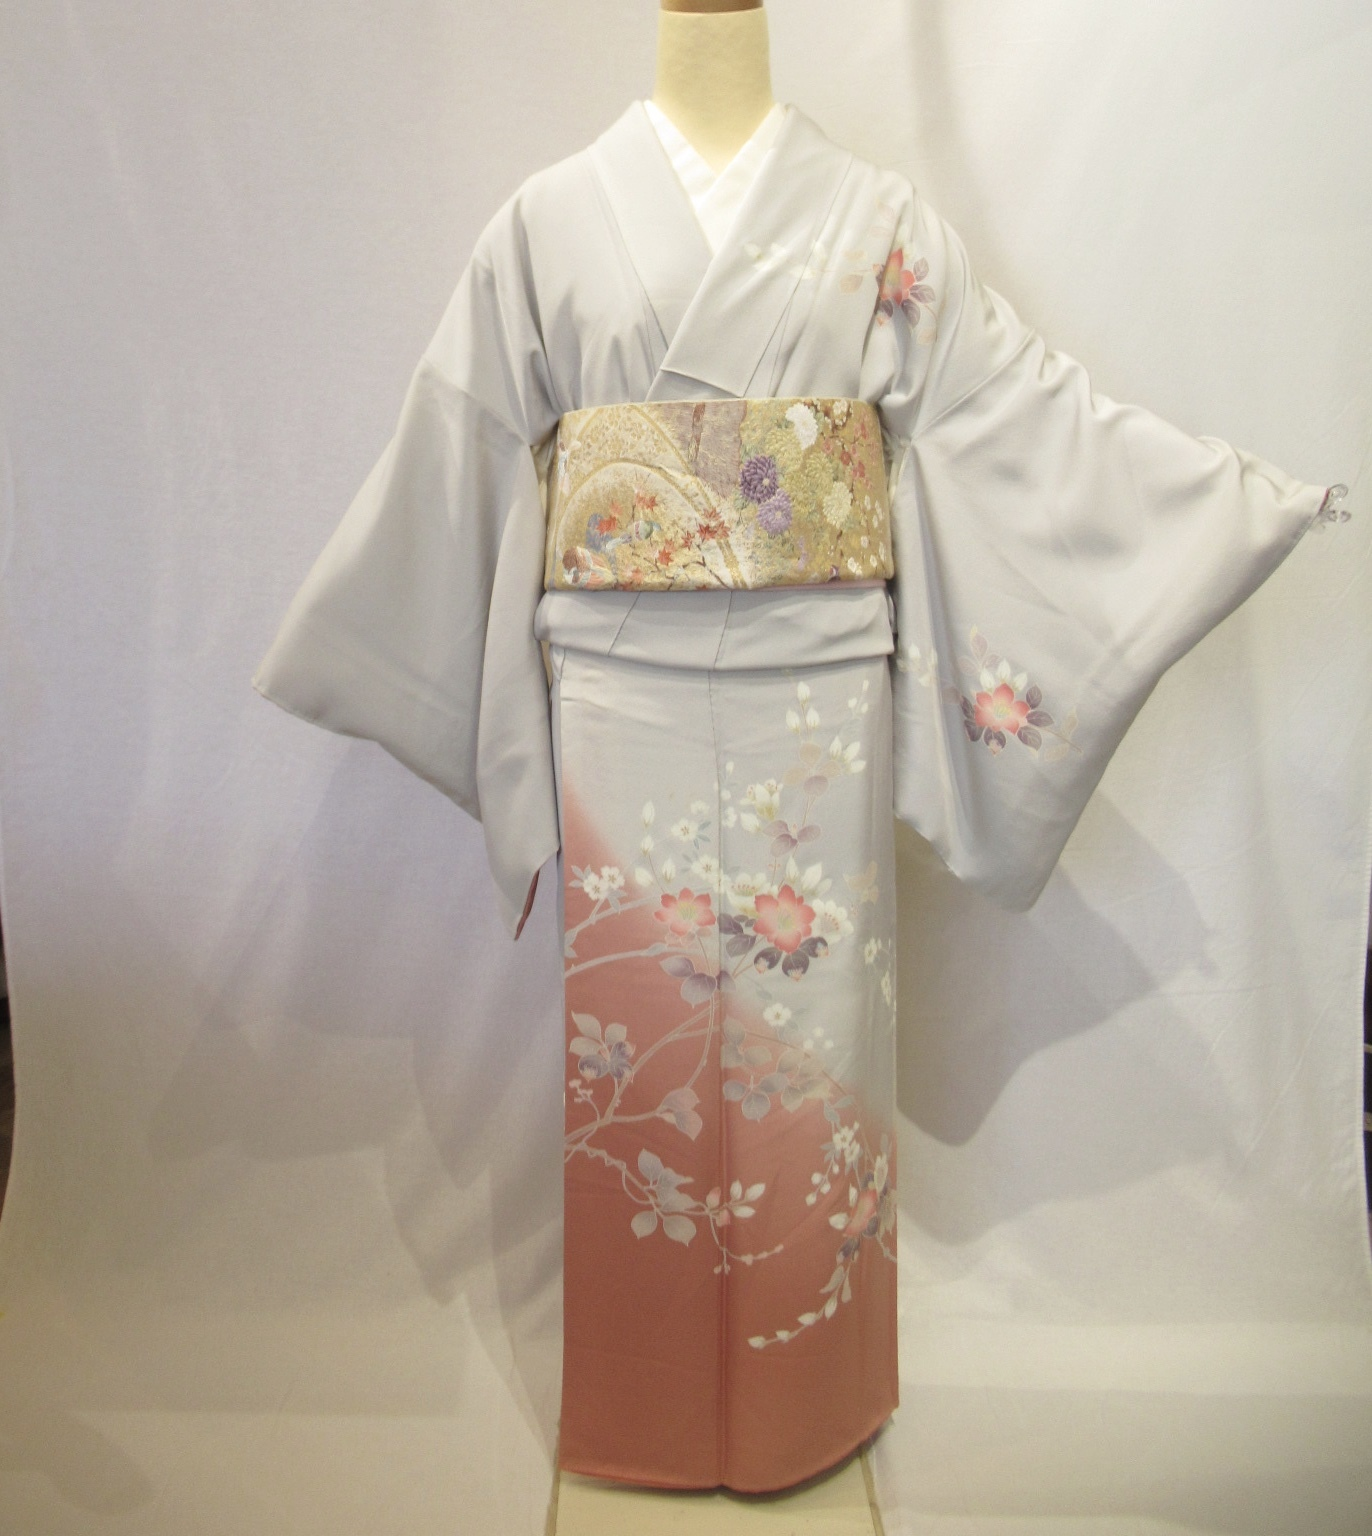 1957高身長加賀友禅訪問着と西陣織袋帯セット